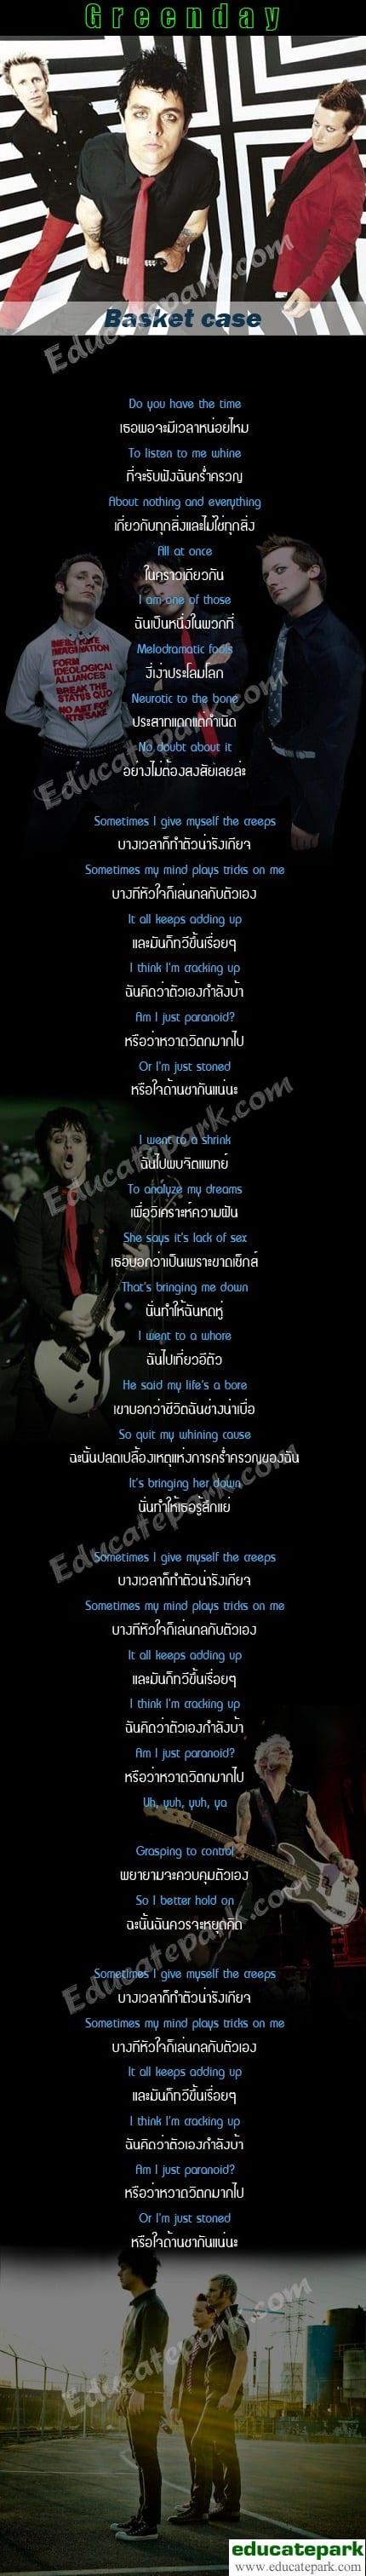 แปลเพลง Basket Case - Green Day